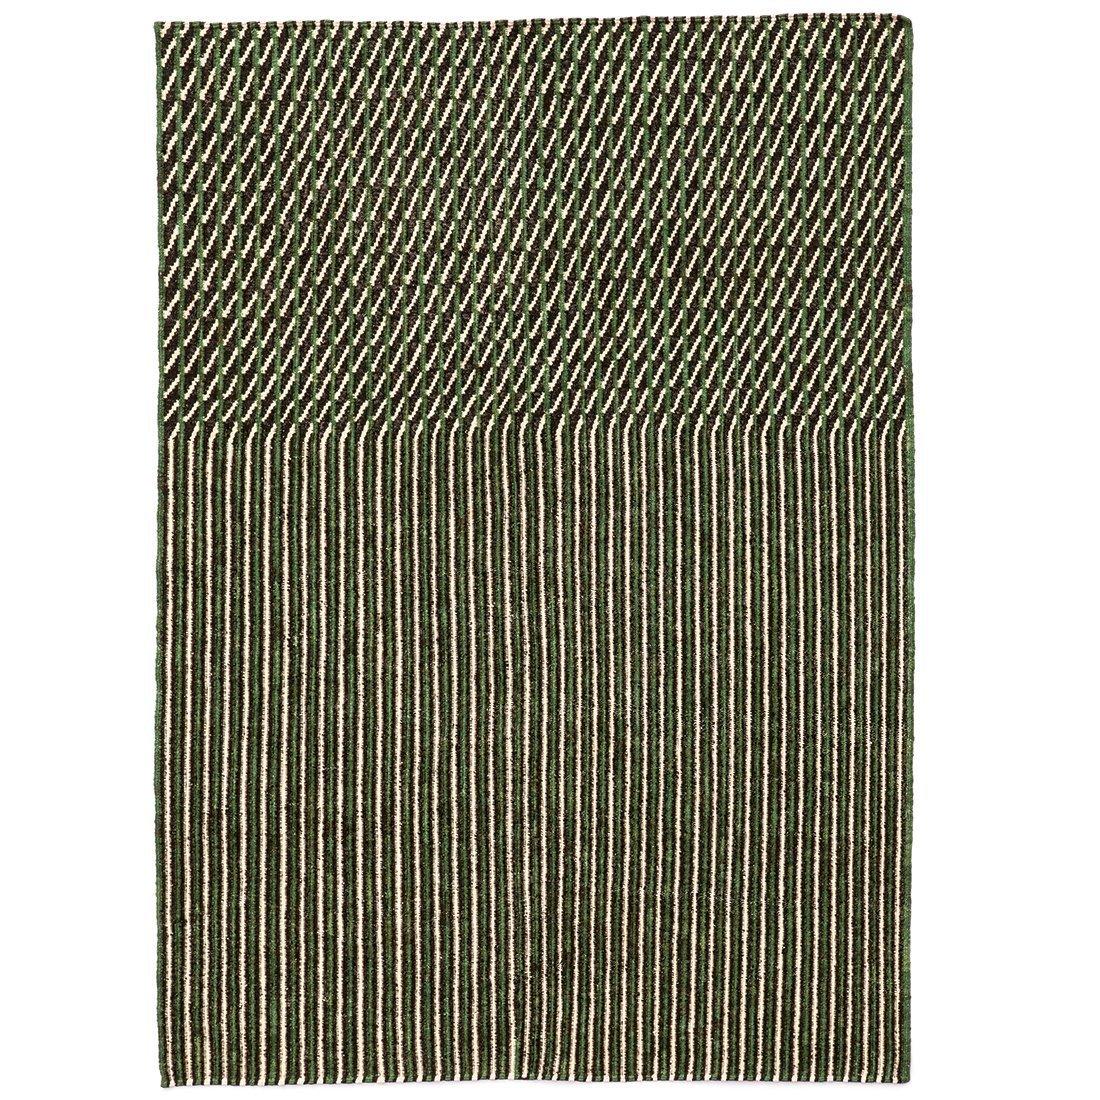 Nanimarquina Blur Vloerkleed Groen - 300 x 200 cm.